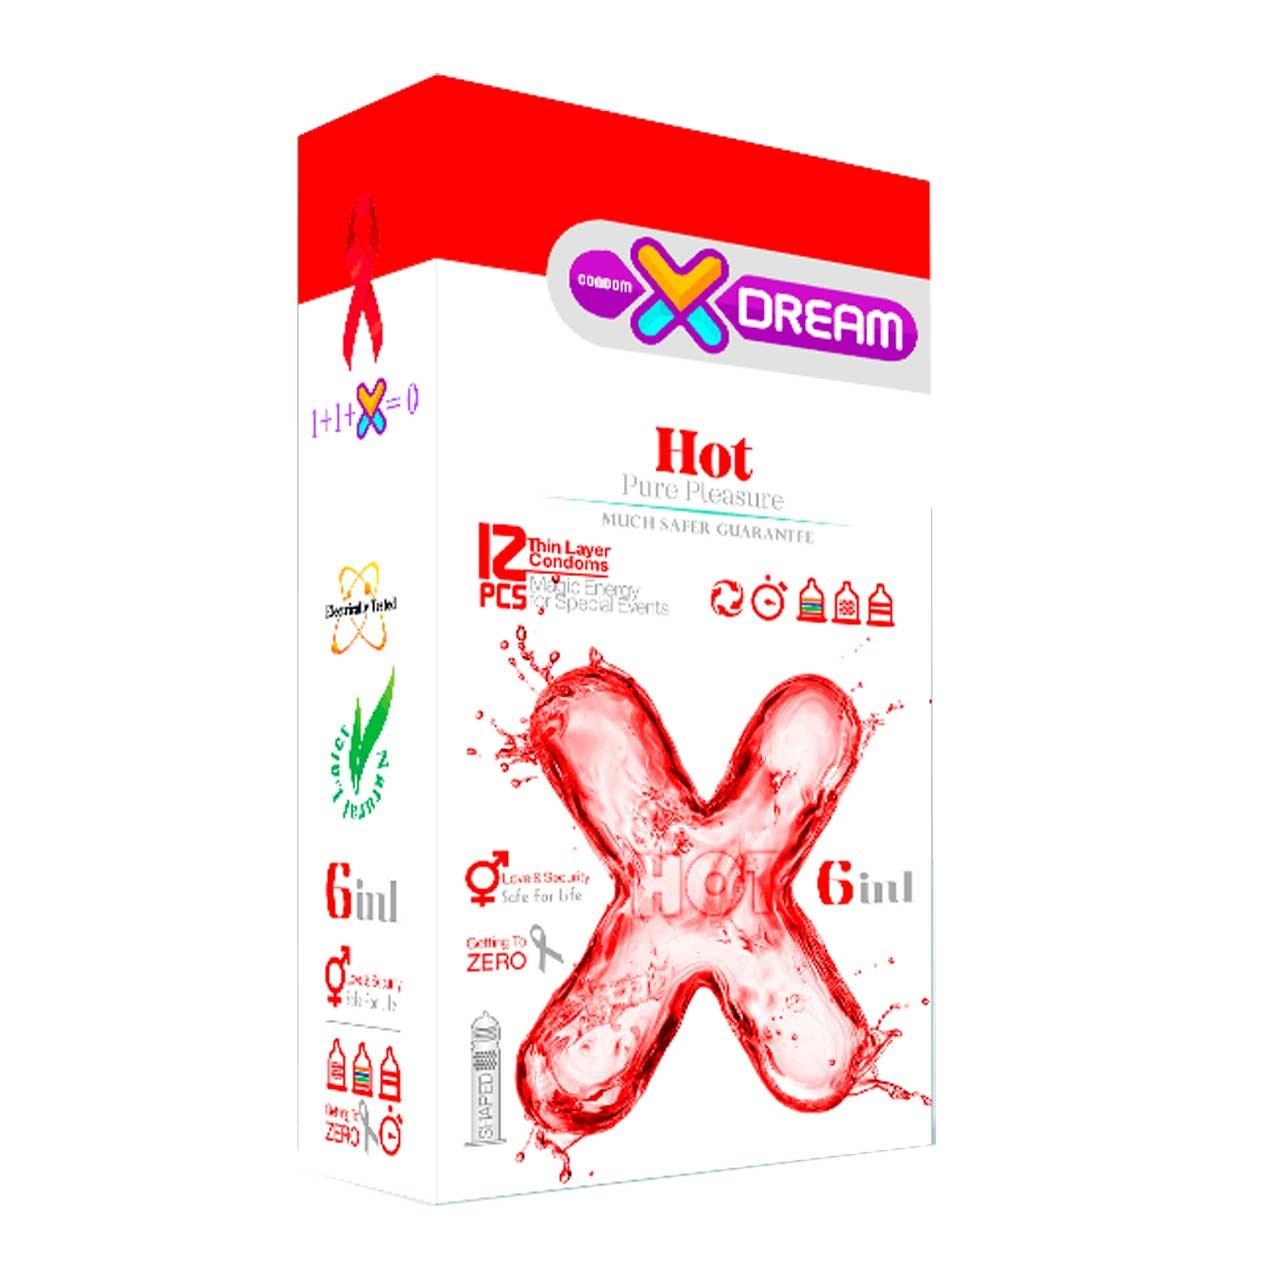 کاندوم ایکس دریم مدلhot 6 in 1 بسته 12 عددی